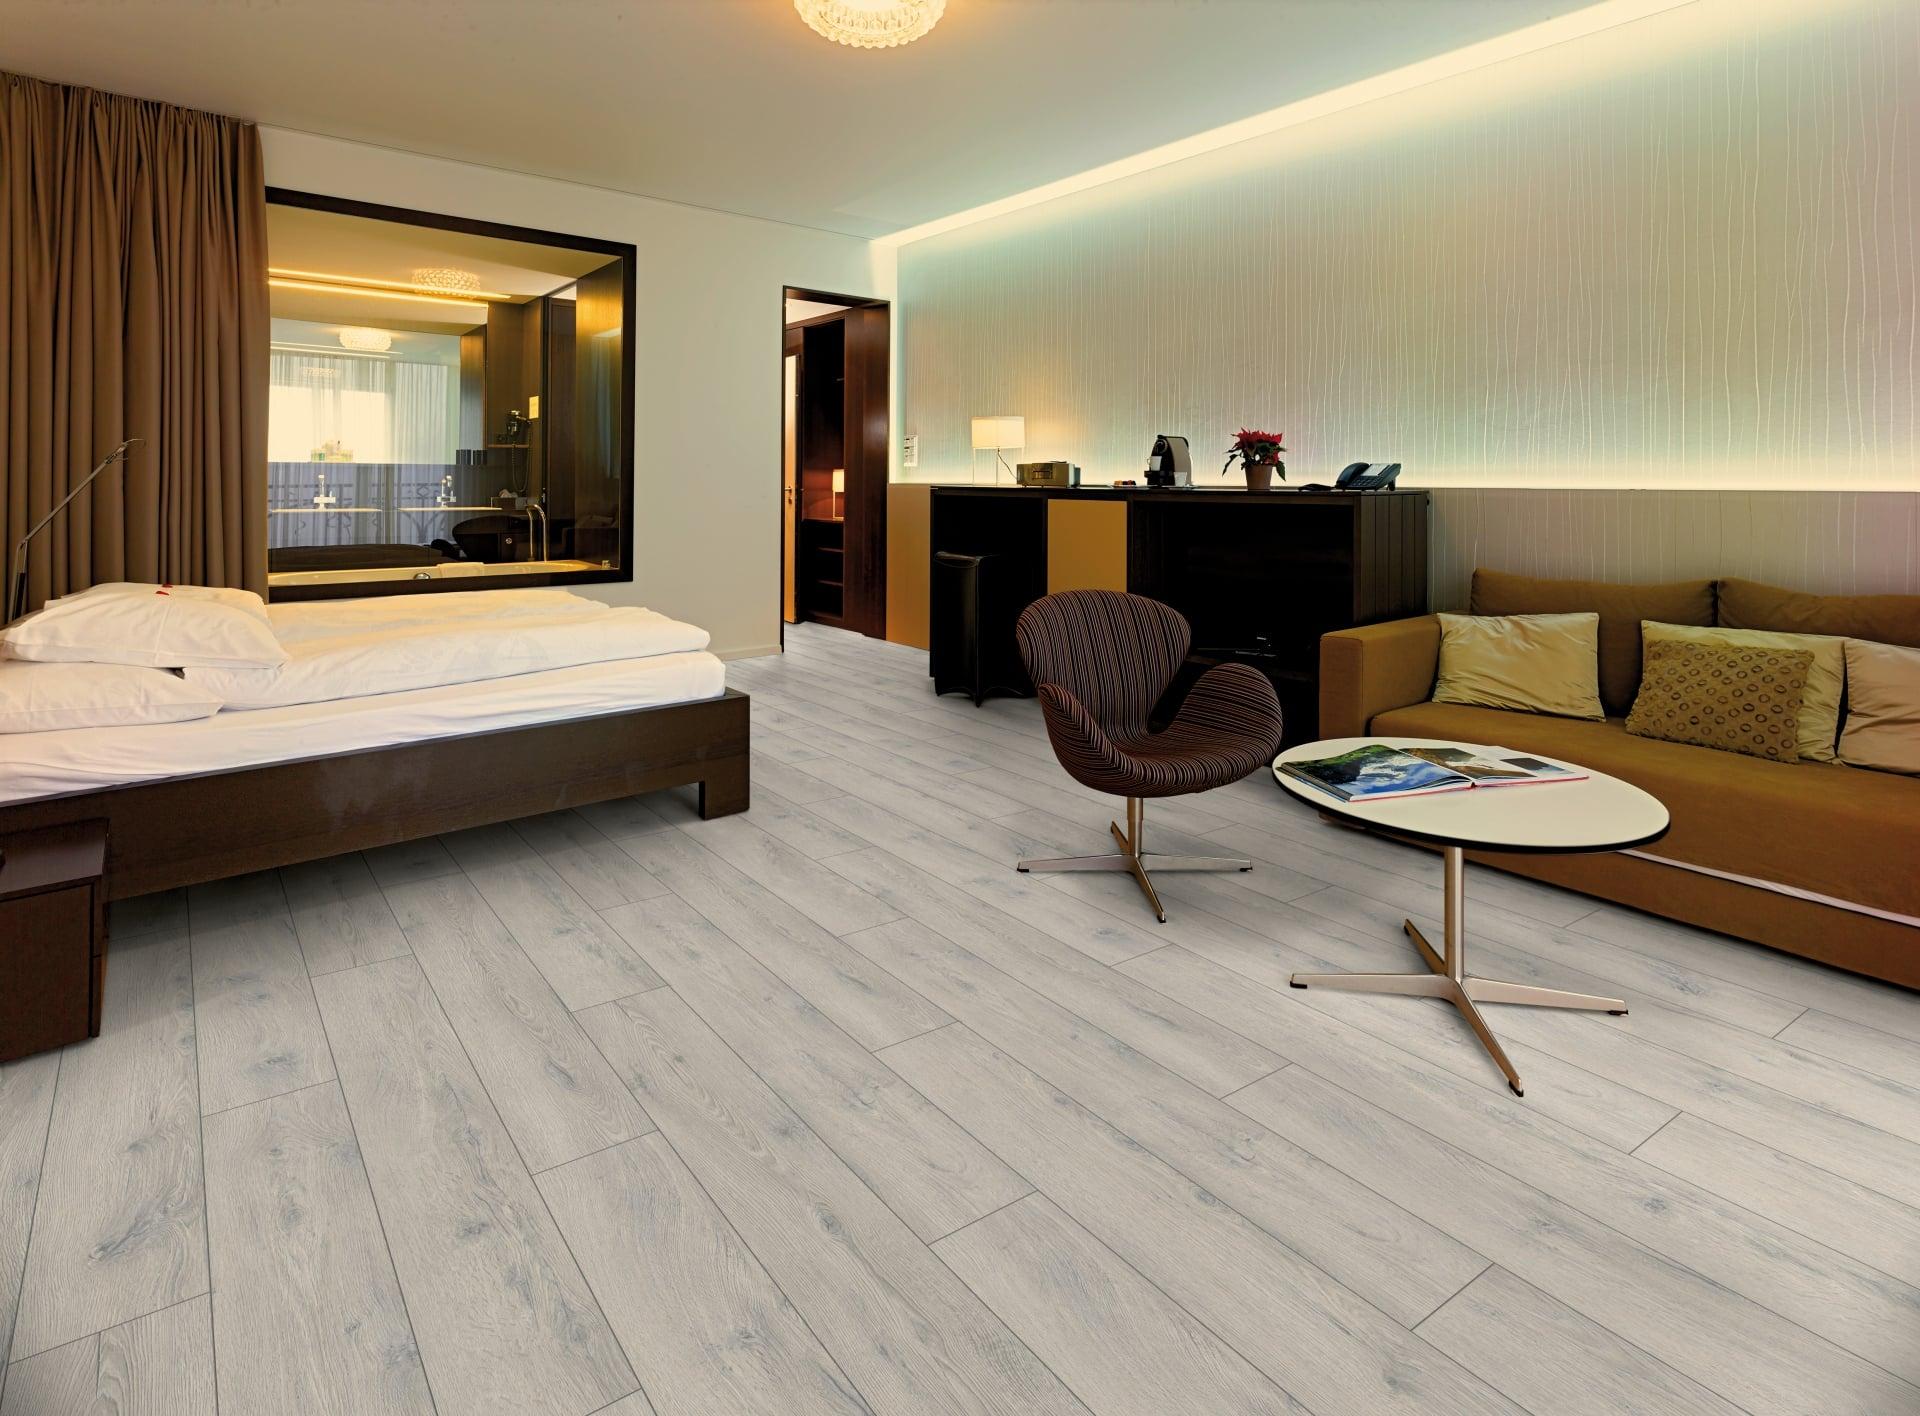 Kronoswiss Swiss Solid Oak Toscana Aa Floors Amp More Ltd